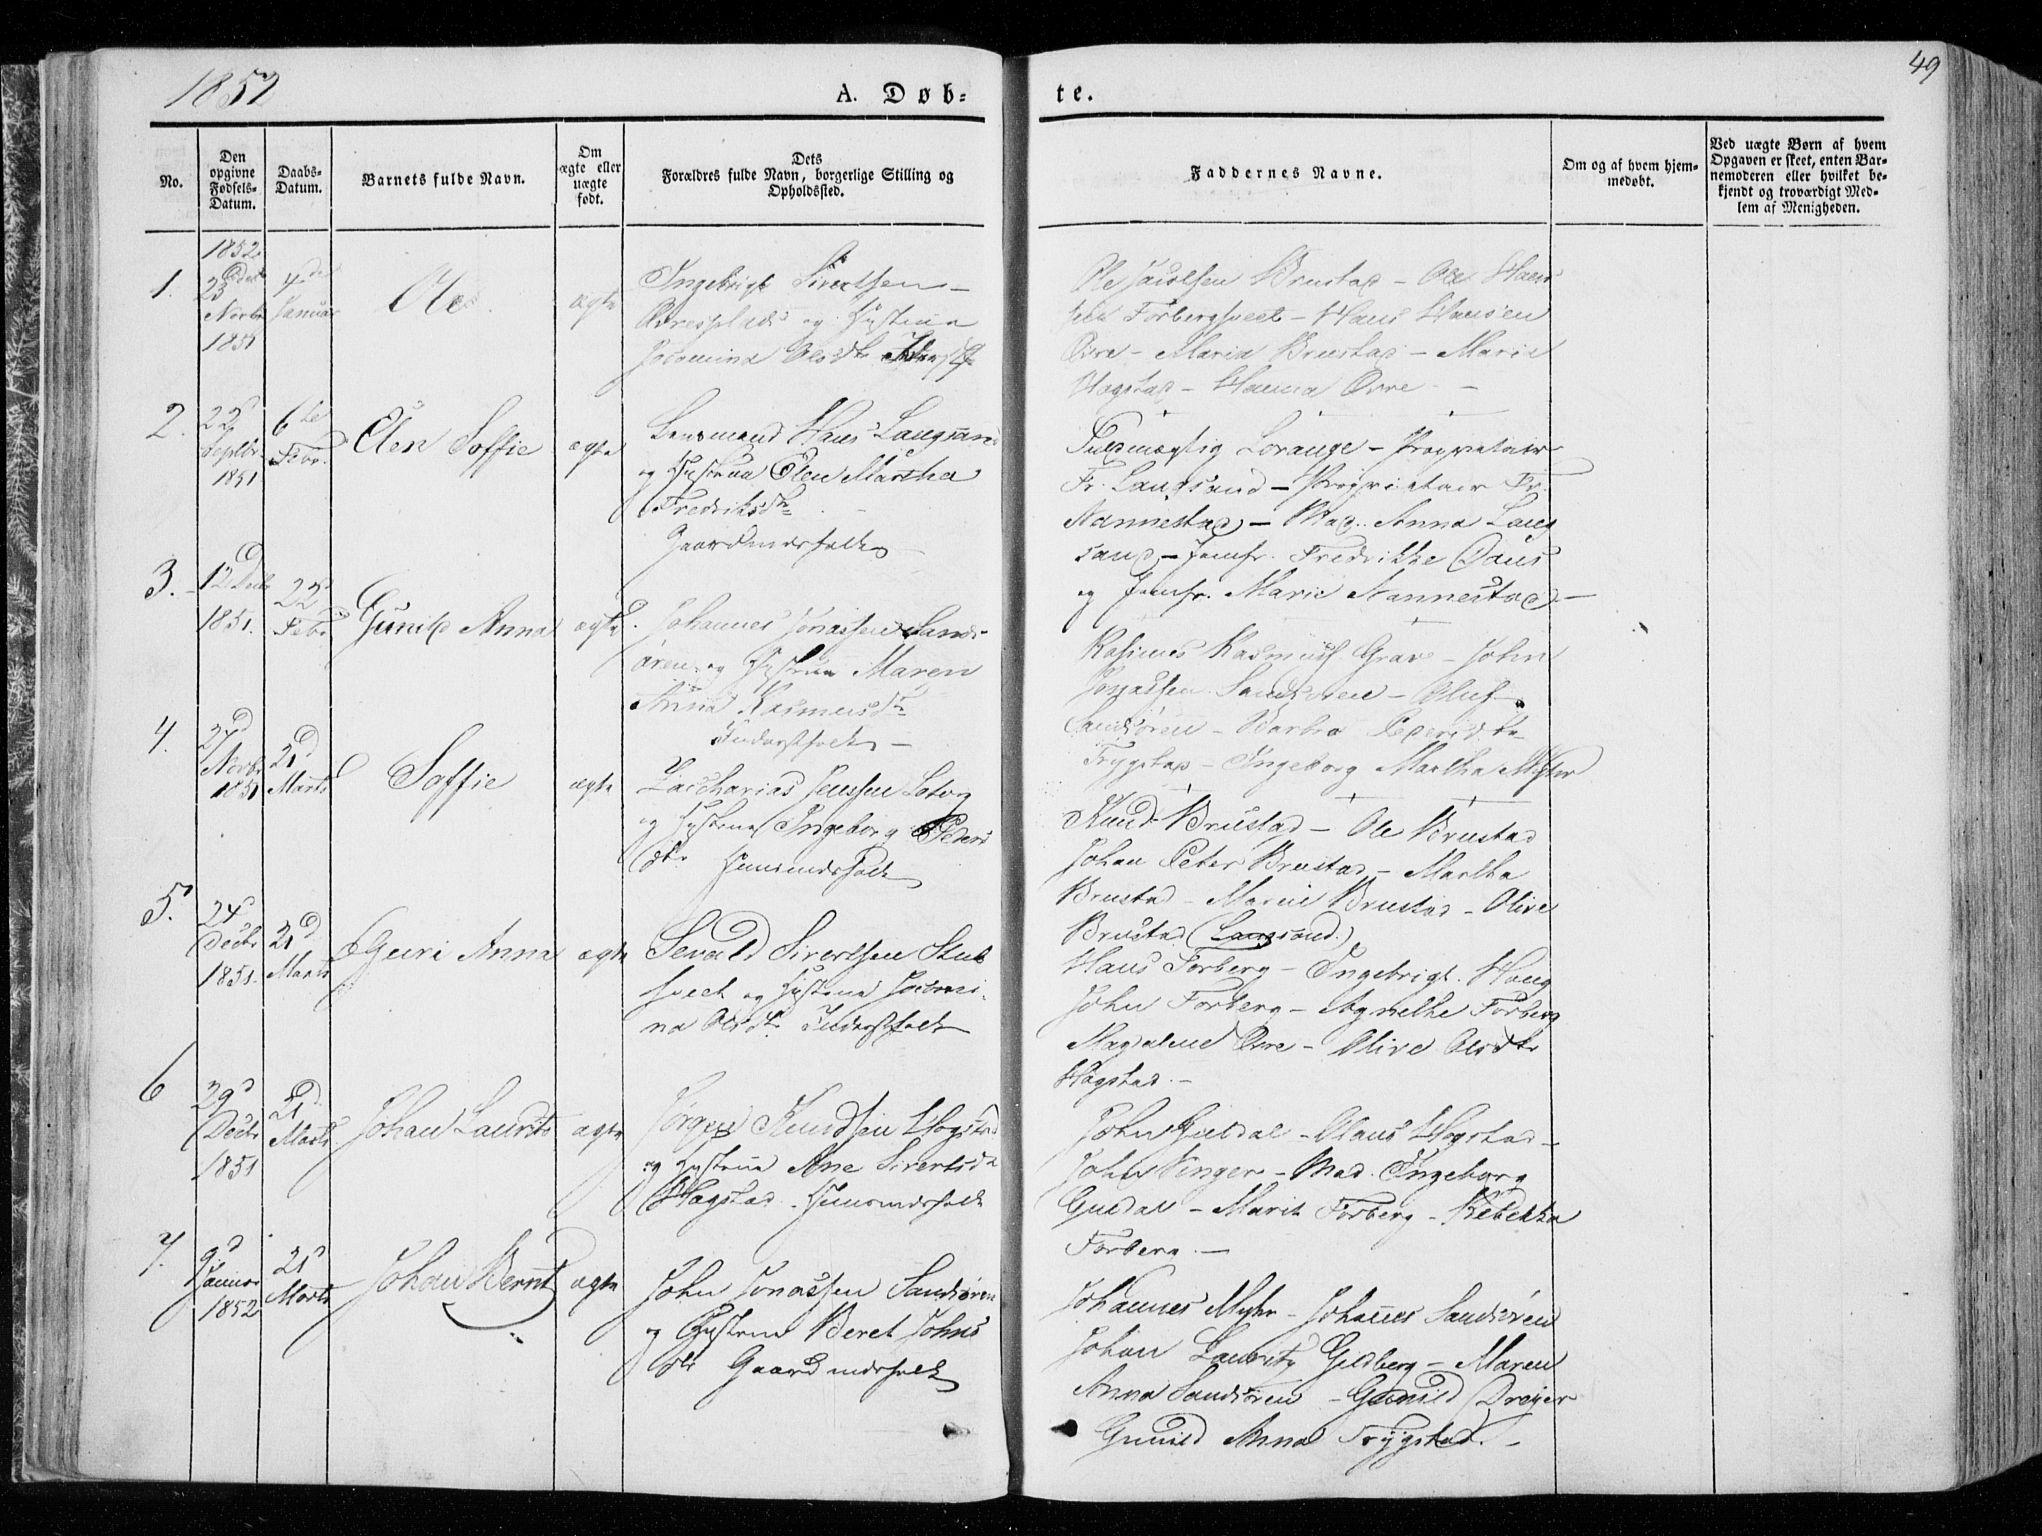 SAT, Ministerialprotokoller, klokkerbøker og fødselsregistre - Nord-Trøndelag, 722/L0218: Ministerialbok nr. 722A05, 1843-1868, s. 49